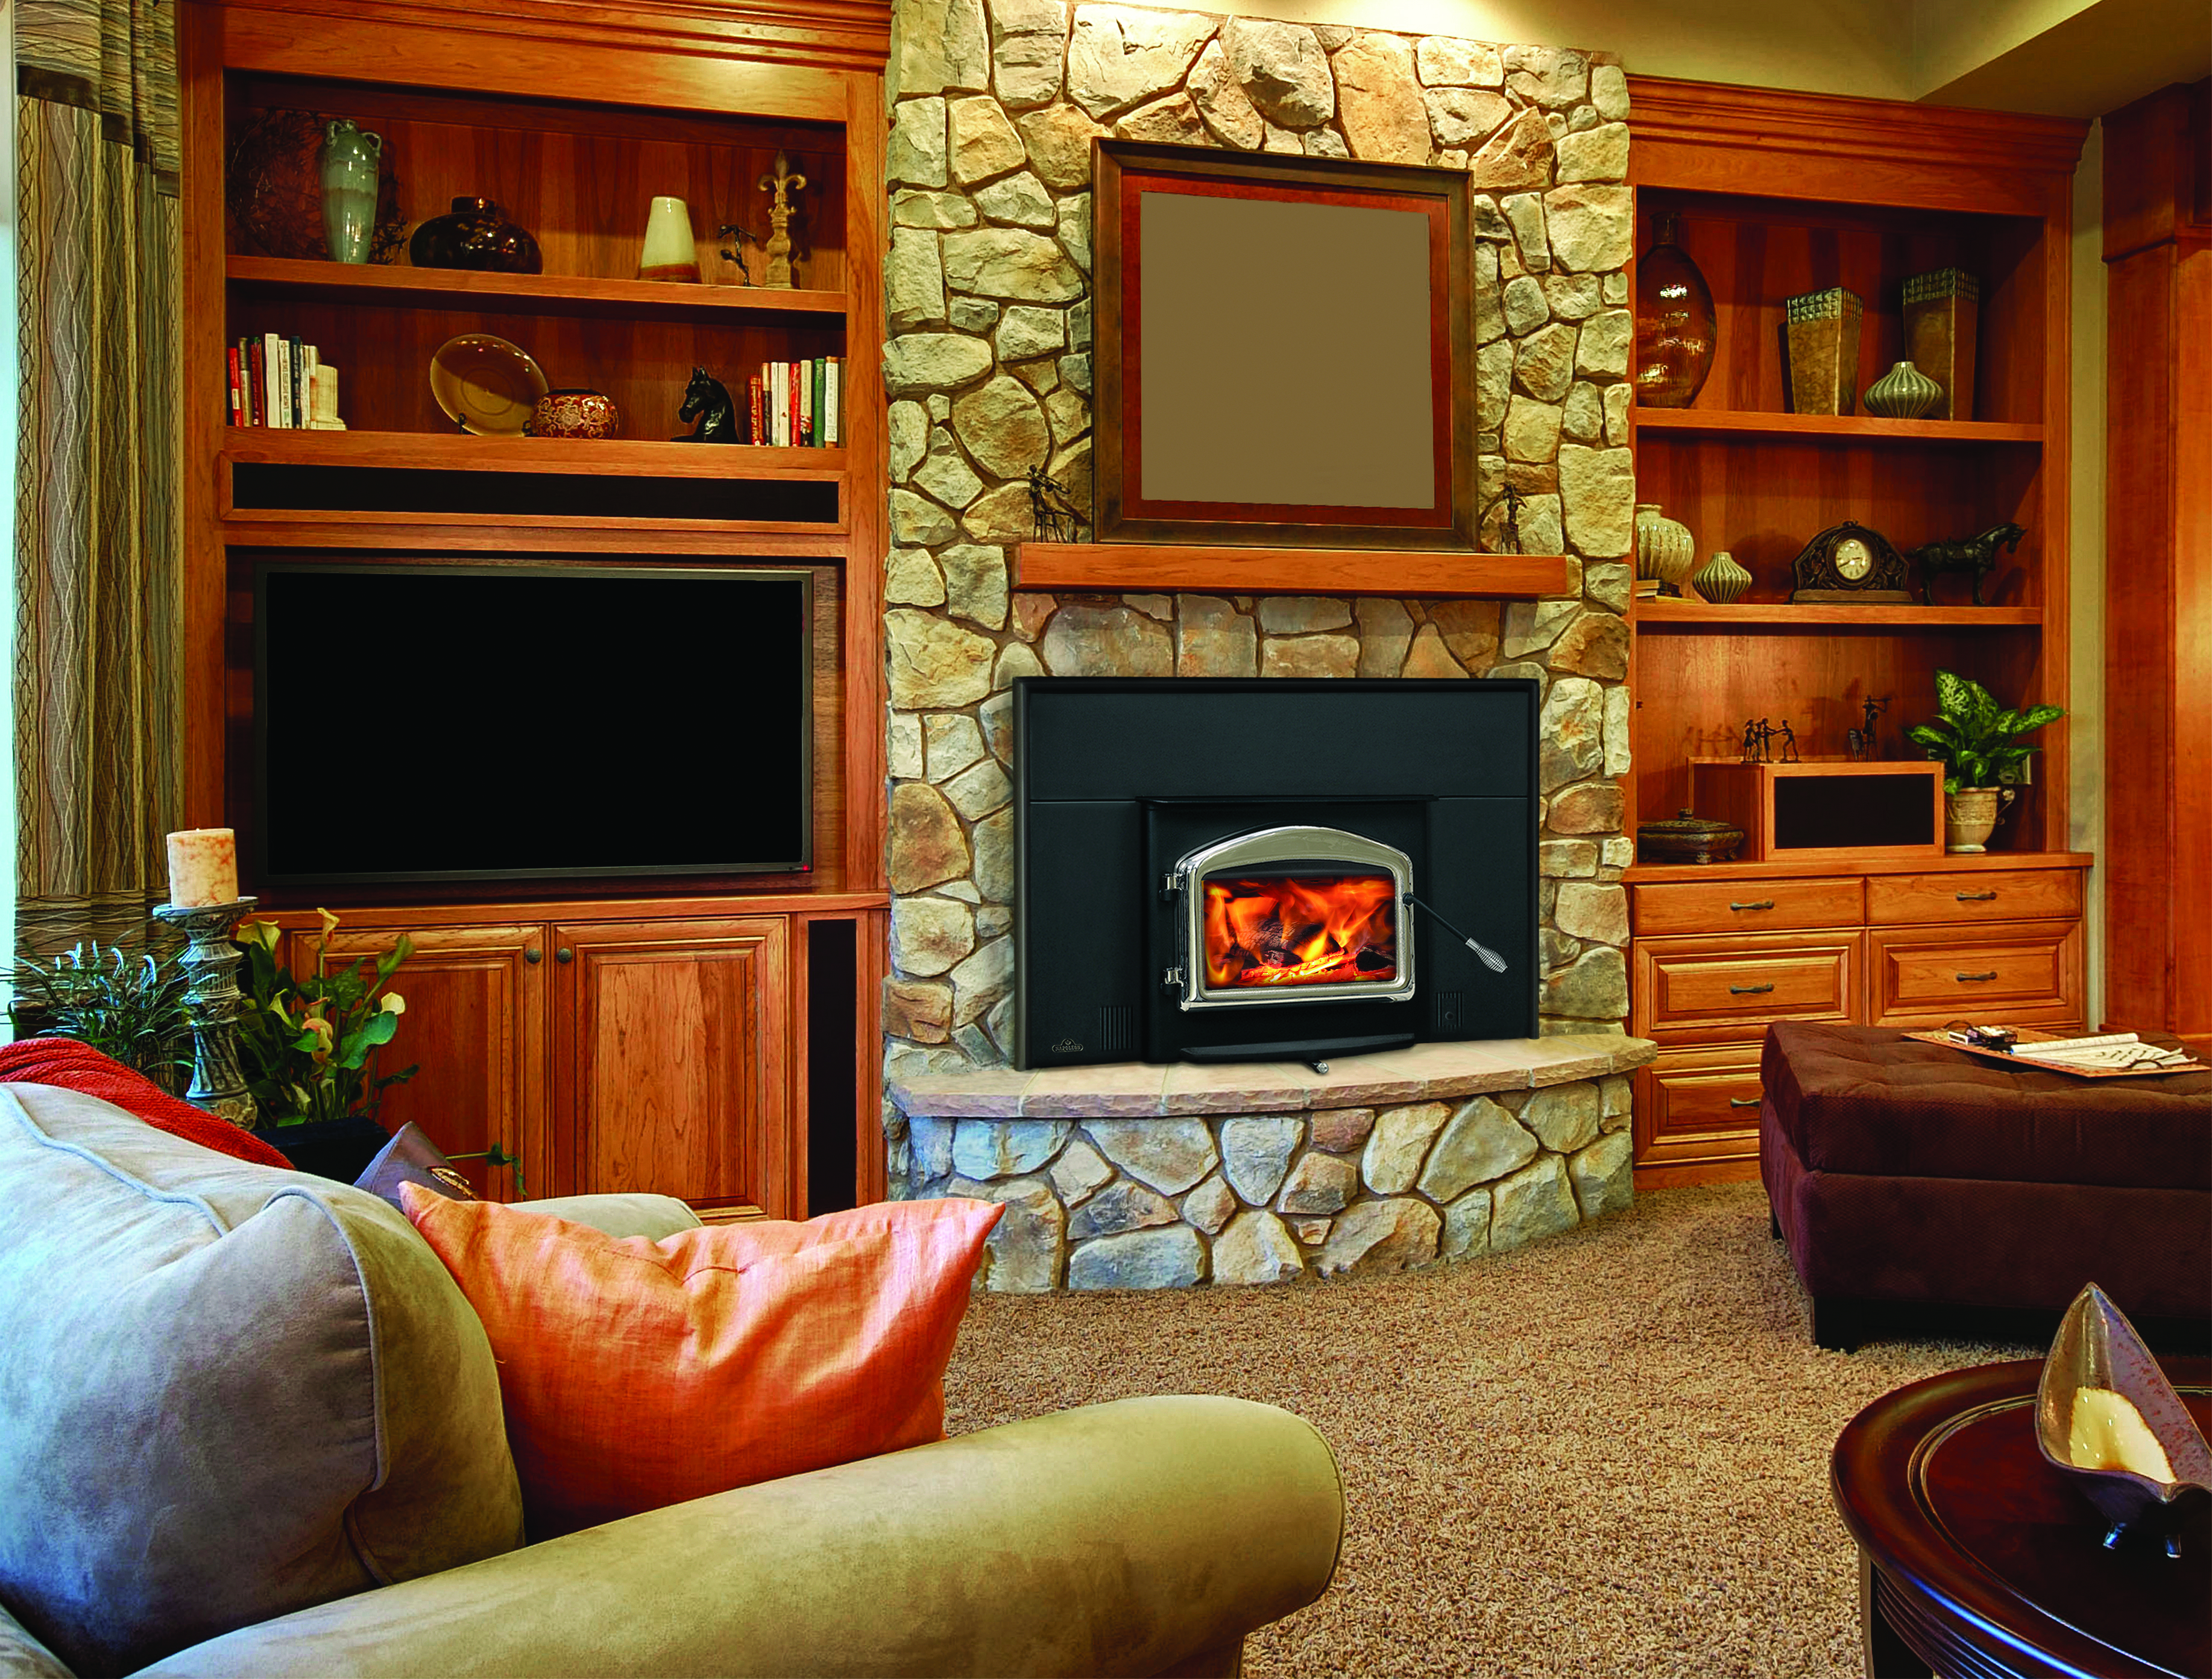 1101-room-napoleon-fireplaces.jpg